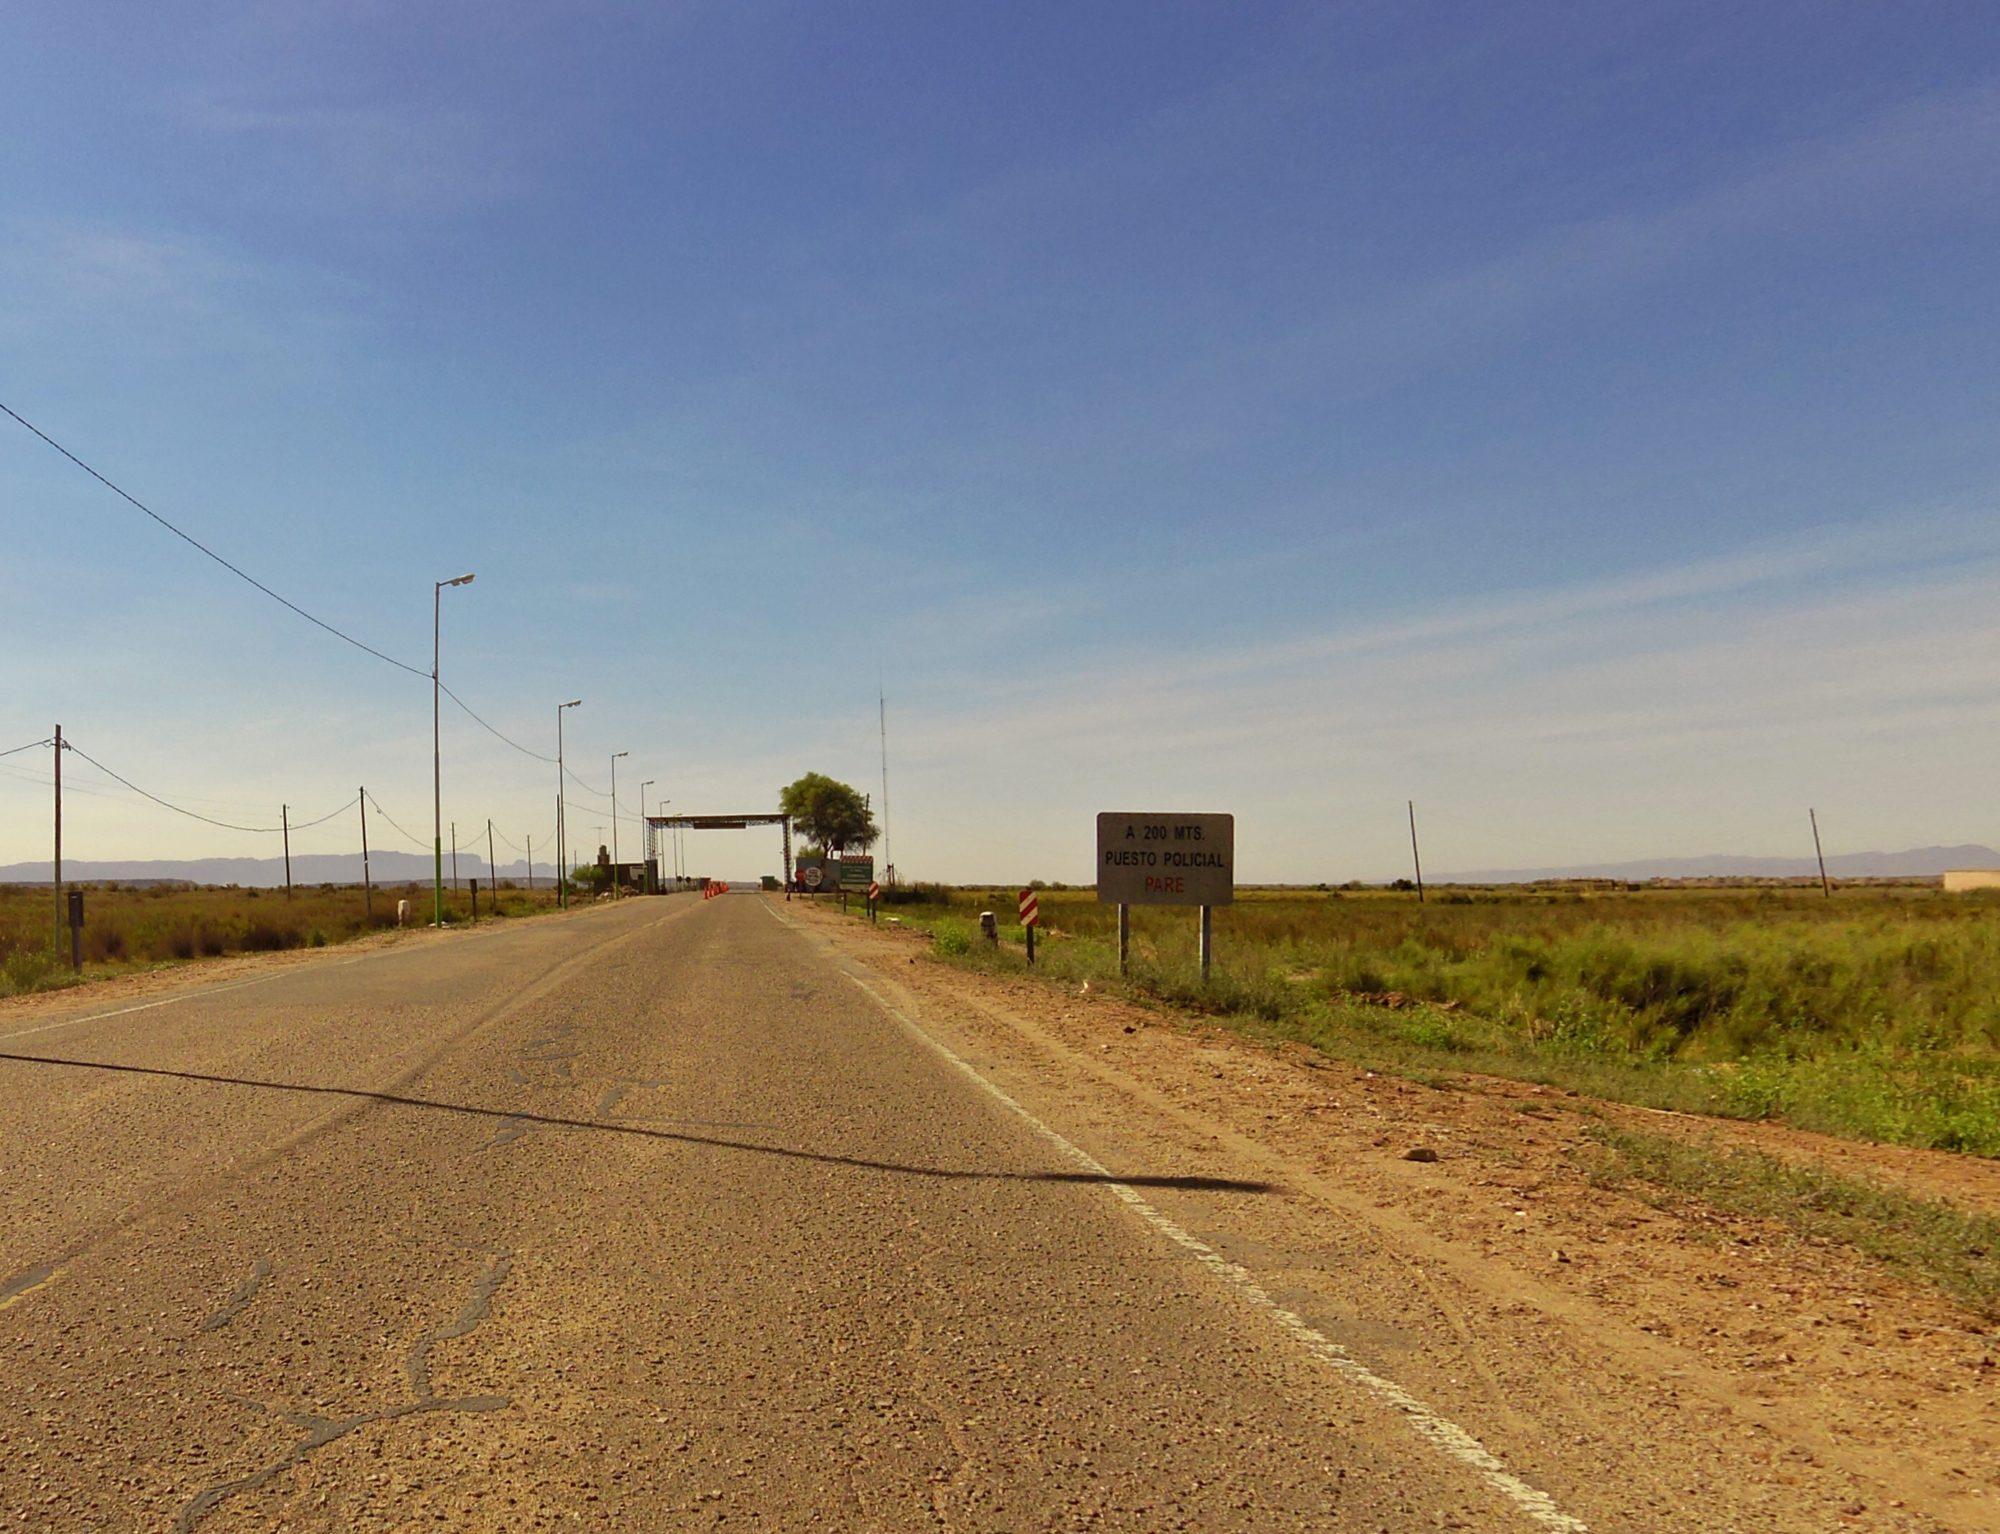 Typische Polizeikontrolle in Argentienen